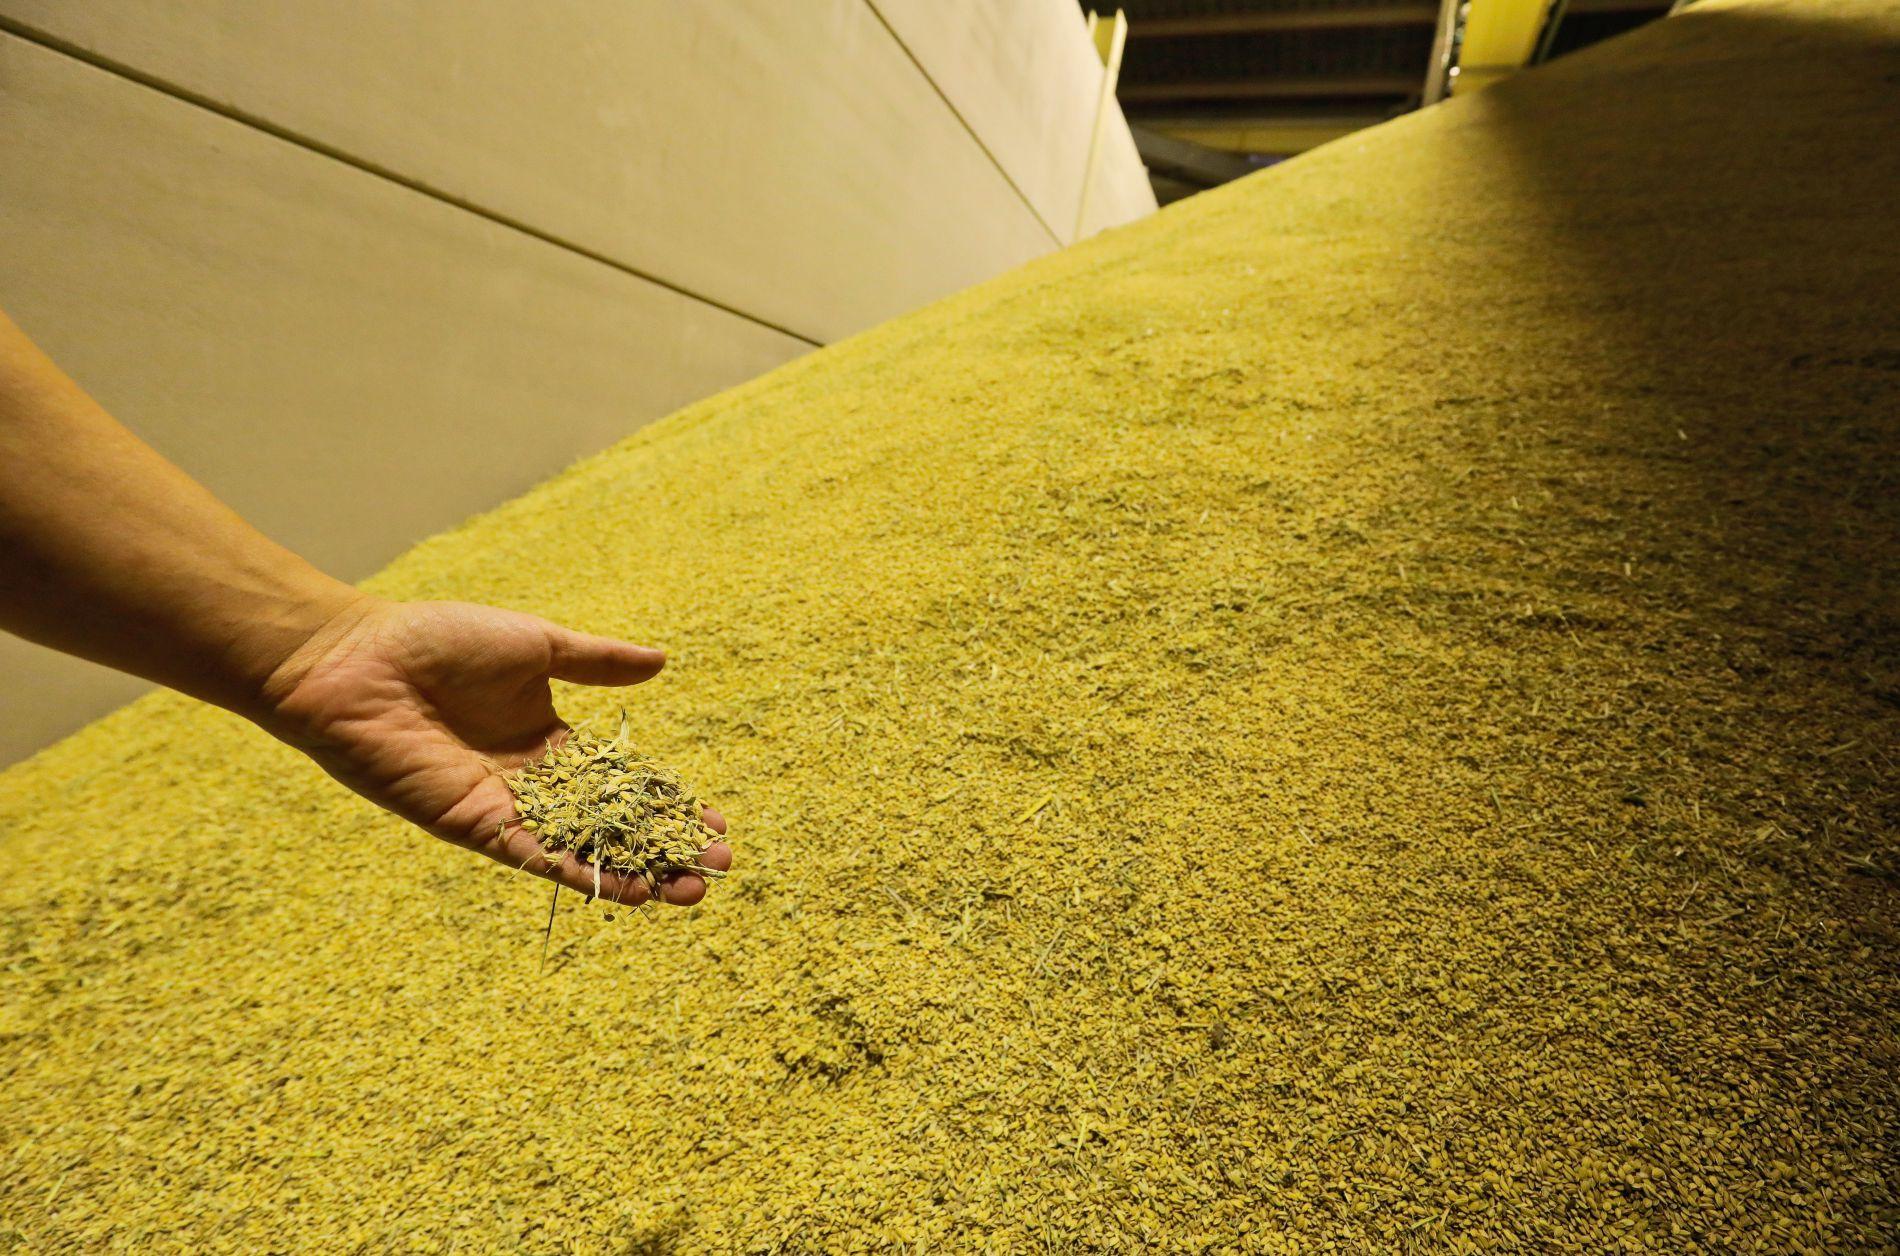 Durante la temporada de cosecha, en septiembre, hasta tres camiones descargan al día en el molino de Segorbe.